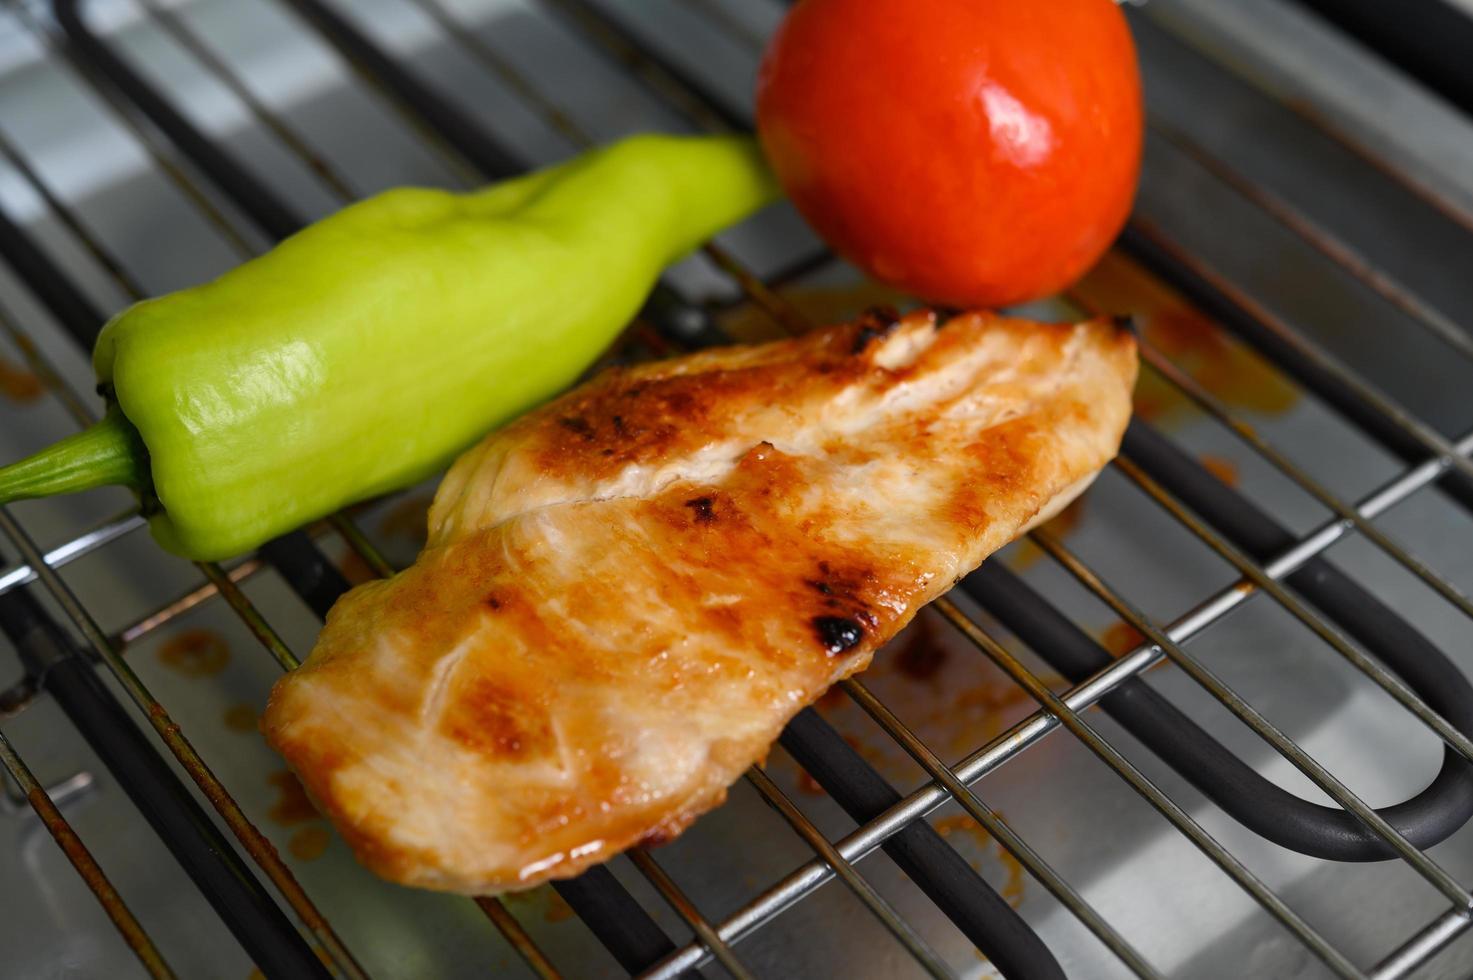 poulet grillé sur un gril électrique avec paprika et tomate photo